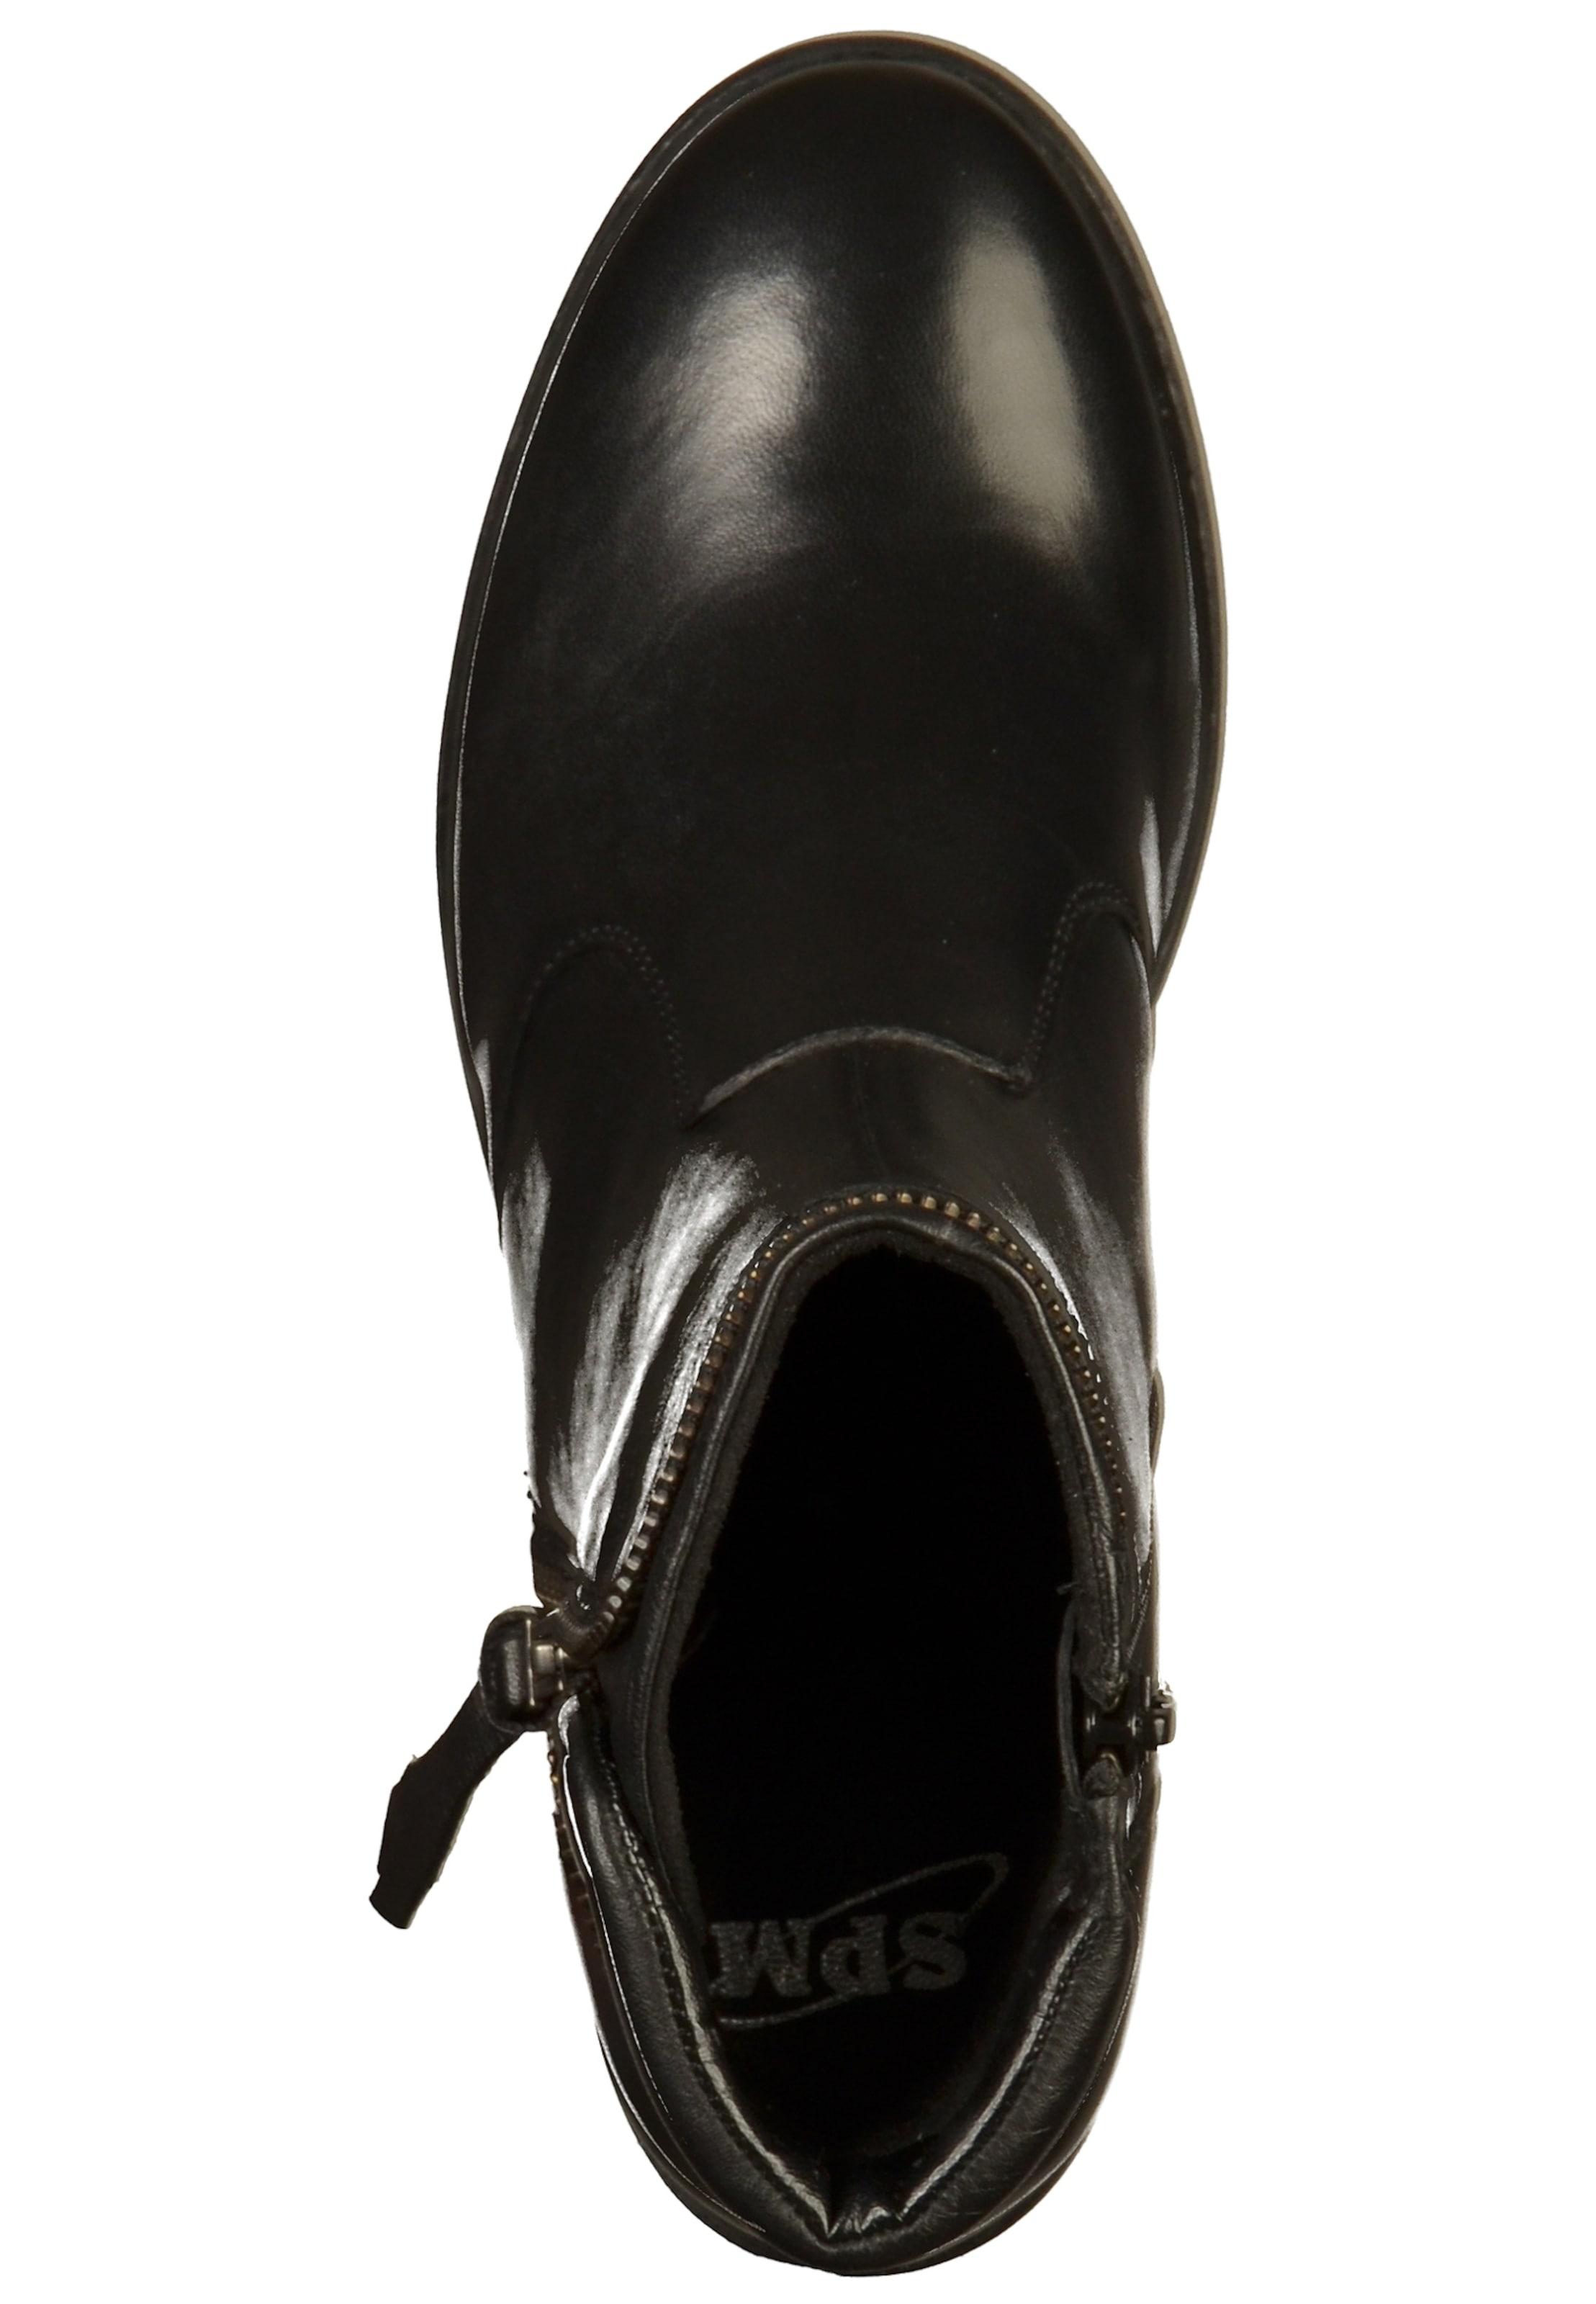 SPM Stiefeletten Sie Leder Verkaufen Sie Stiefeletten saisonale Aktionen 9a2d5f